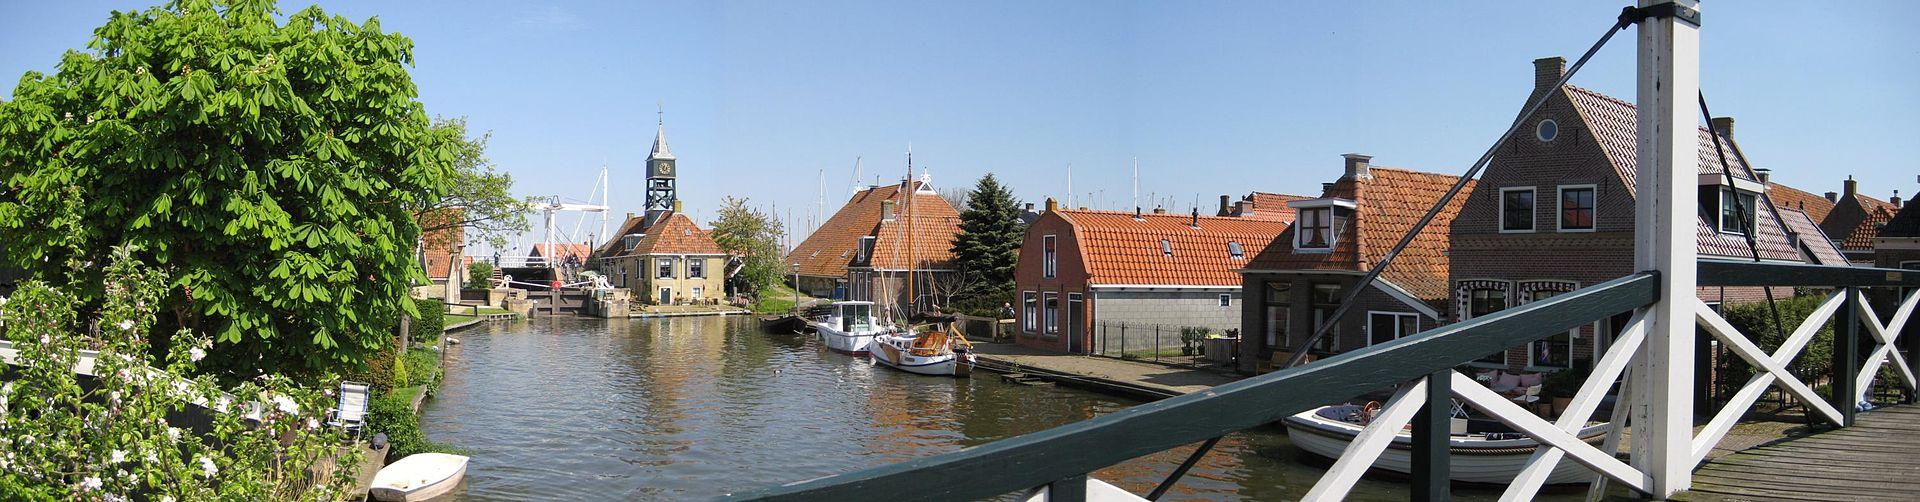 080504_Zijlroede_Hindeloopen_NL